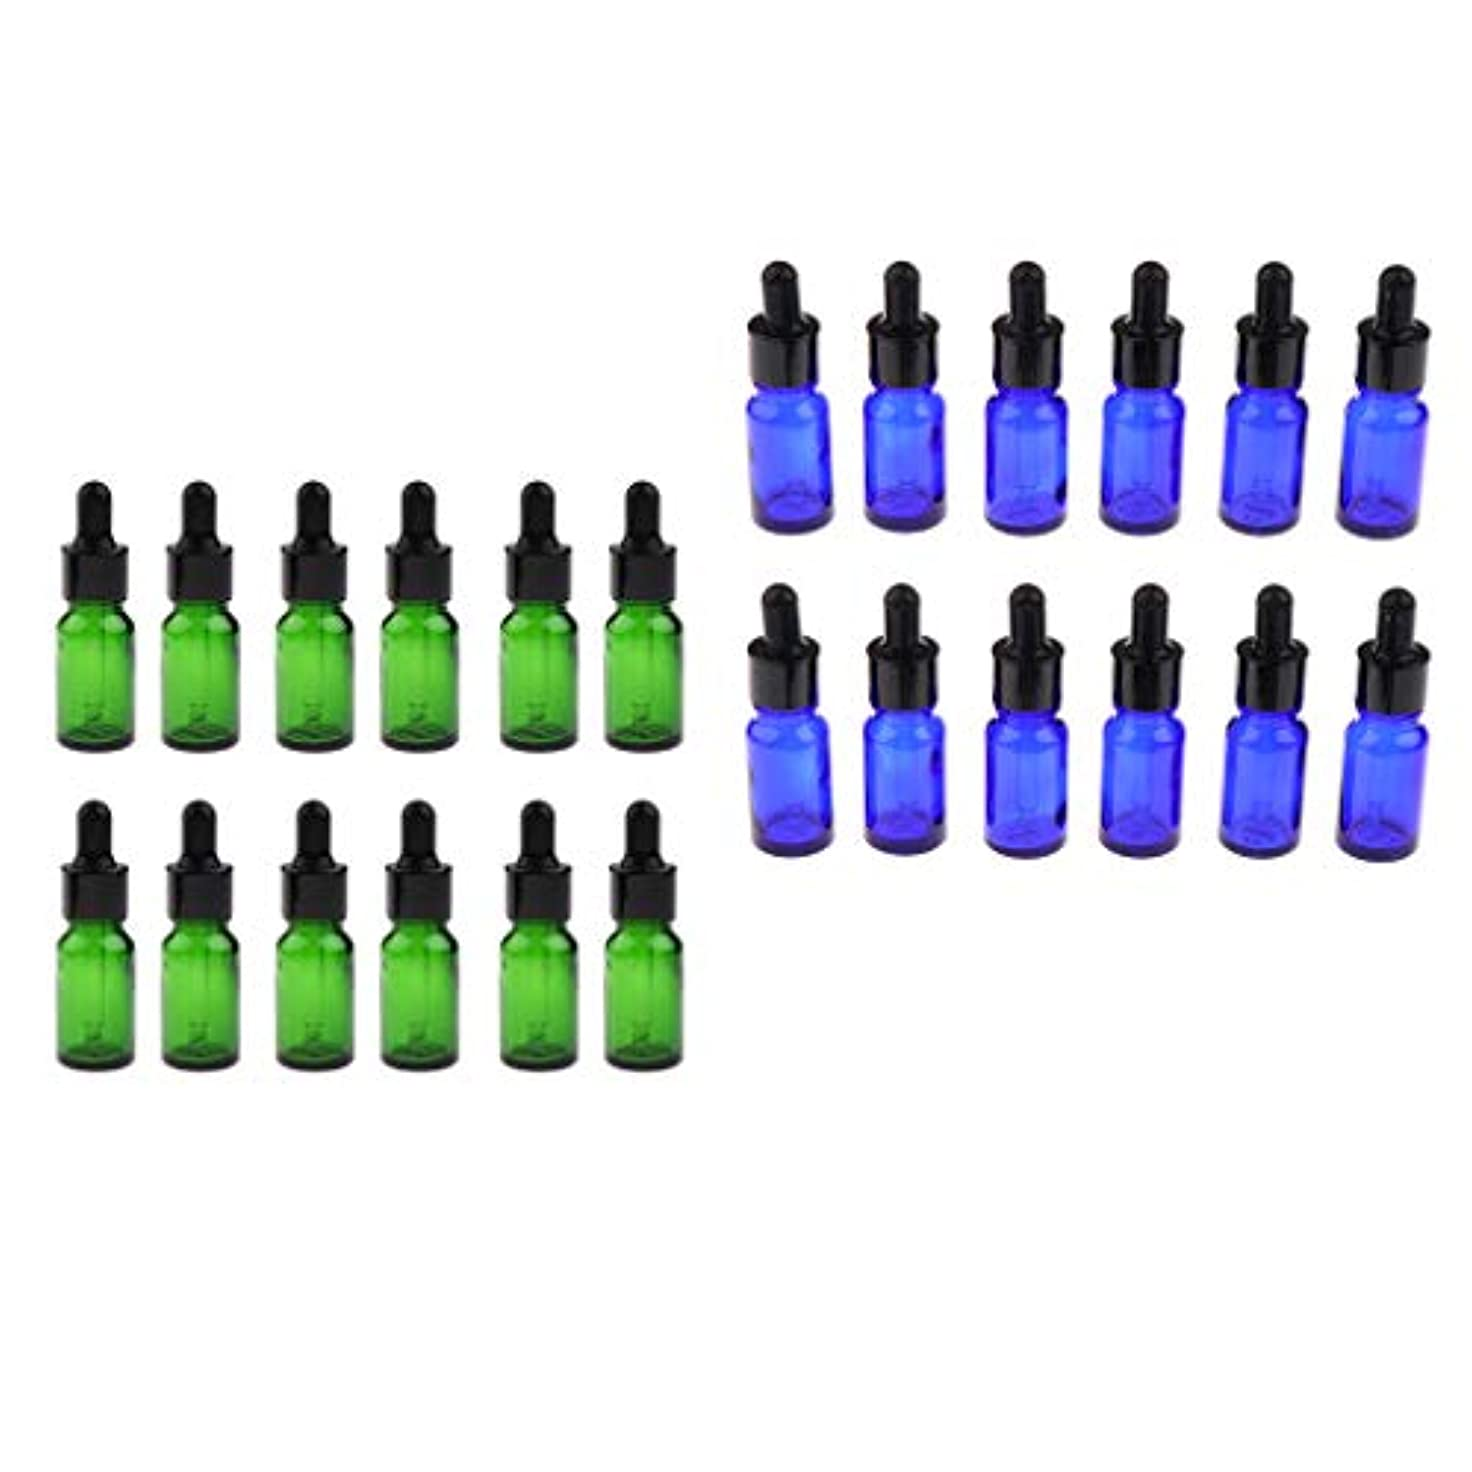 IPOTCH 24個 アロマ 精油瓶 遮光ビン ドロッパーボトル ガラス瓶 小分け容器 緑 青 5/ 10ミリ